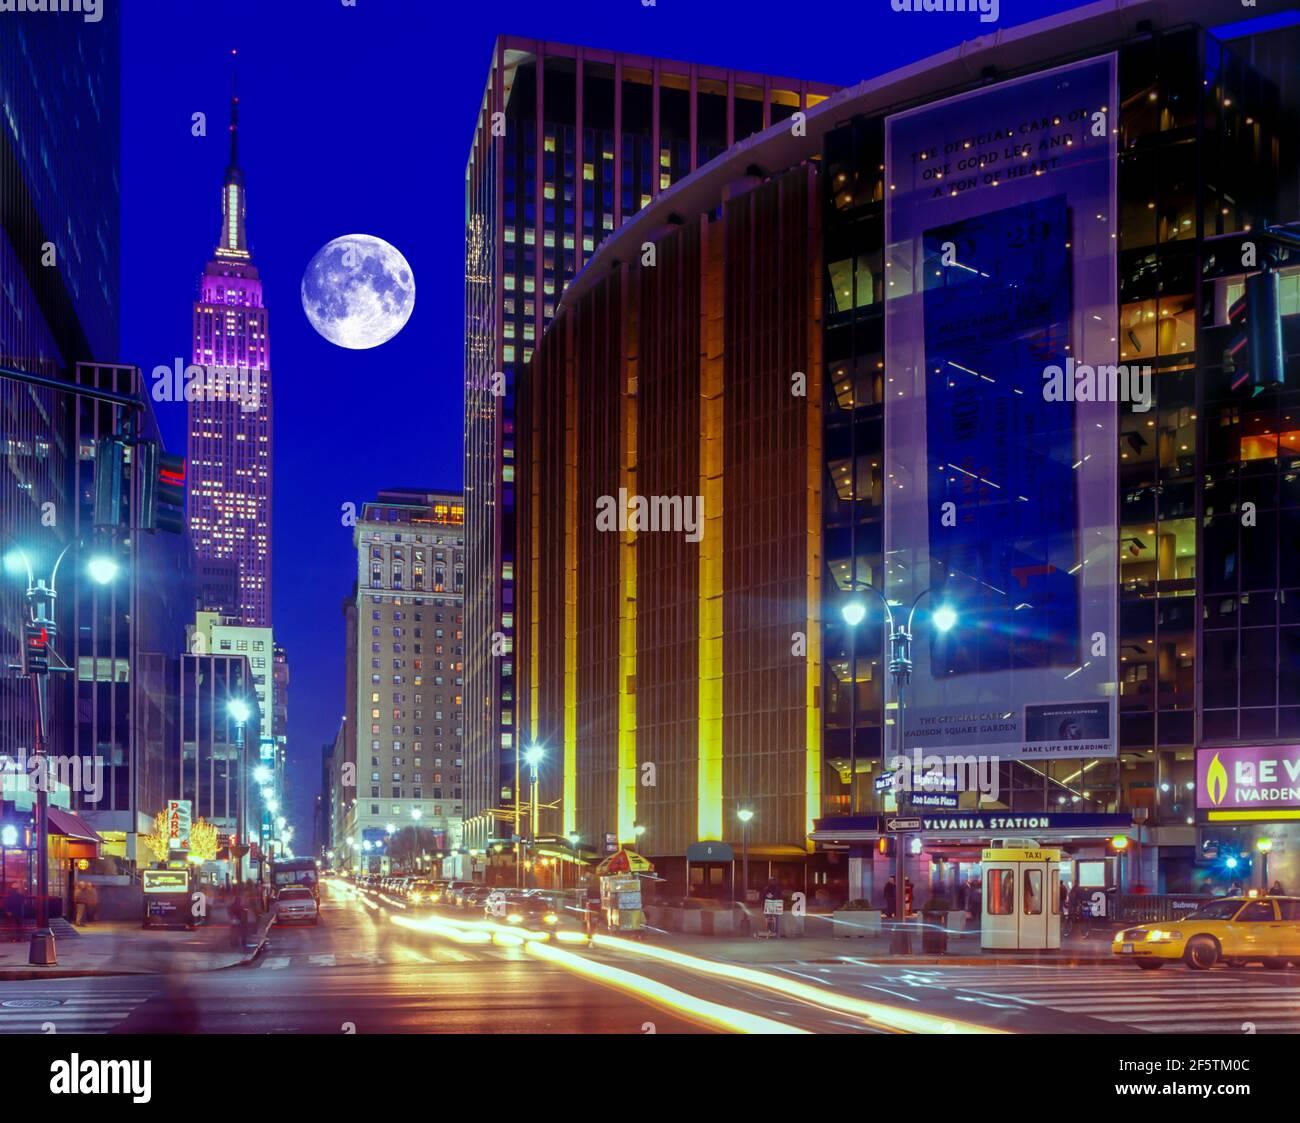 2004 MADISON SQUARE GARDEN HISTORIQUE (©CHARLES LUCKMAN 1968) HUITIÈME AVENUE MANHATTAN NEW YORK CITY ÉTATS-UNIS Banque D'Images